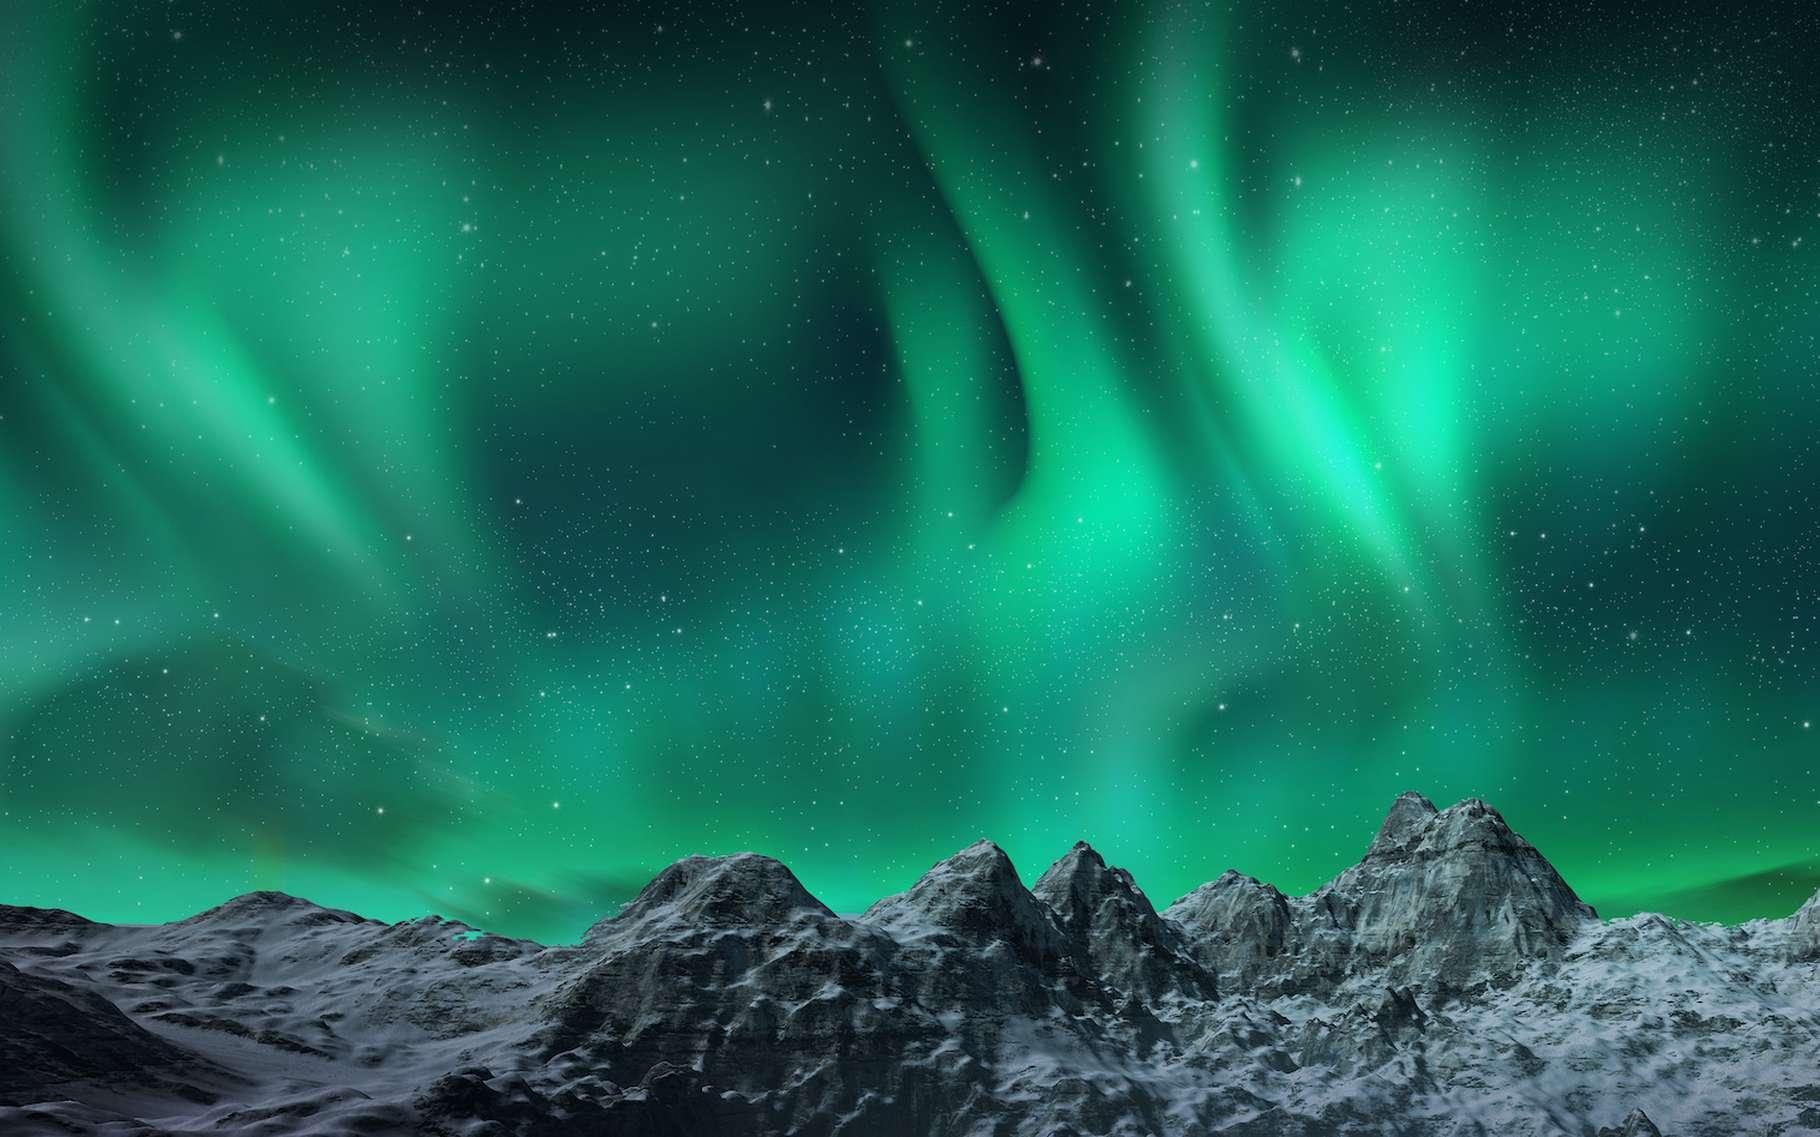 Il y a 42.000 ans, le champ magnétique de la Terre s'est inversé. Il a même momentanément presque disparu, permettant à de splendides aurores de se former bien au-delà des régions polaires. © Aomarch, Adobe Stock